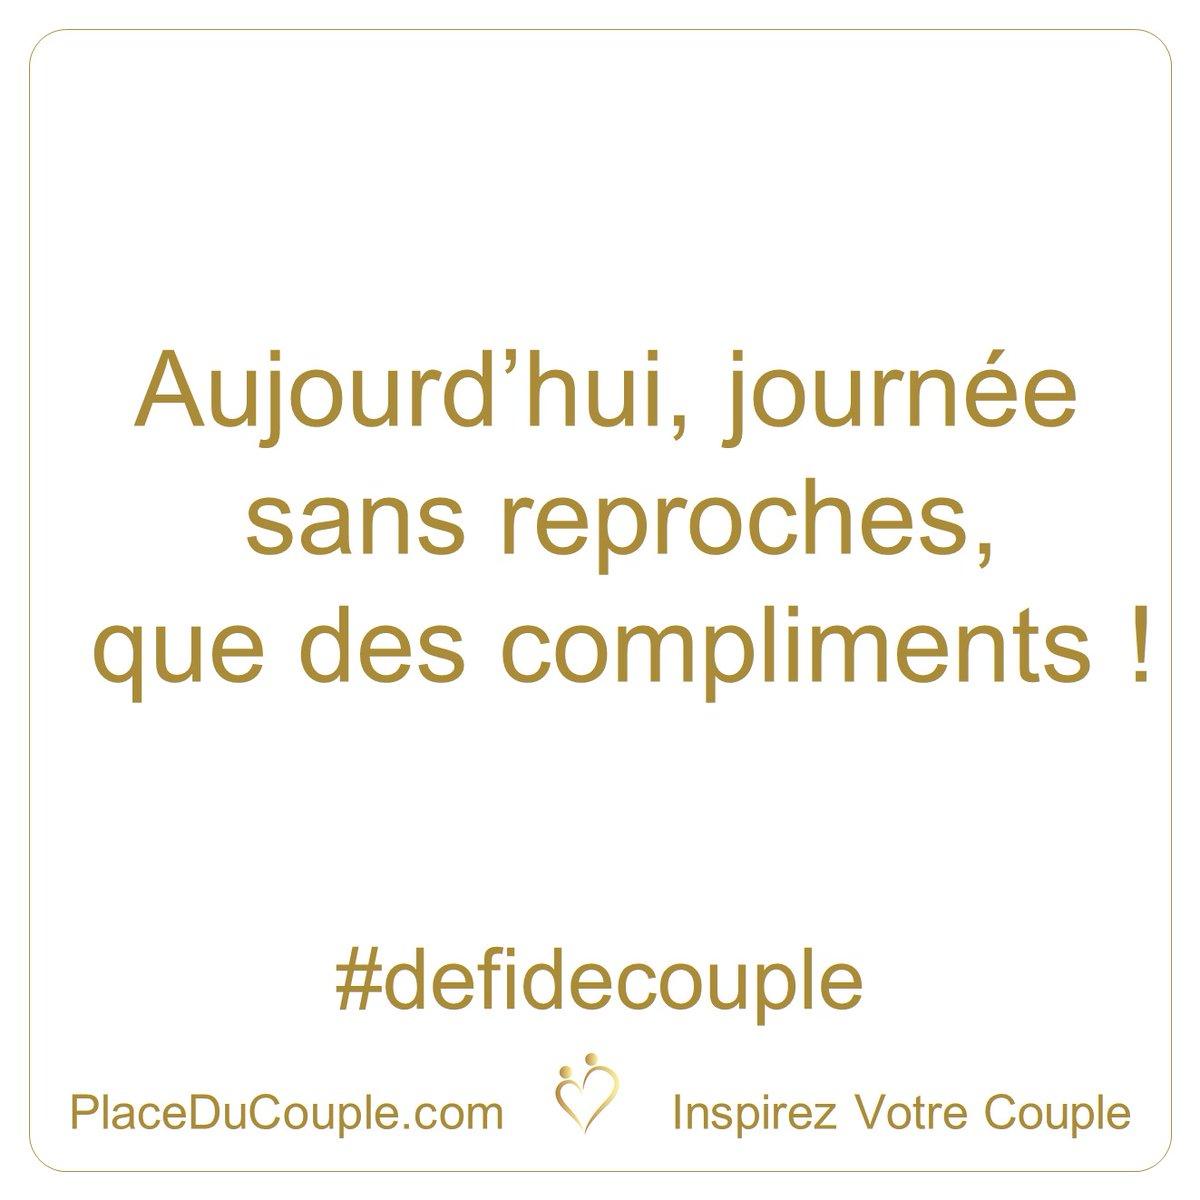 On ne s'est pas mis ensemble pour nos défauts, mais pour nos belles qualités, alors...valorisons-les. #gratitude, #reconnaissance, #compliments, #3kiffs, #attitudepositive, #positif, #coupleheureux, #socouple